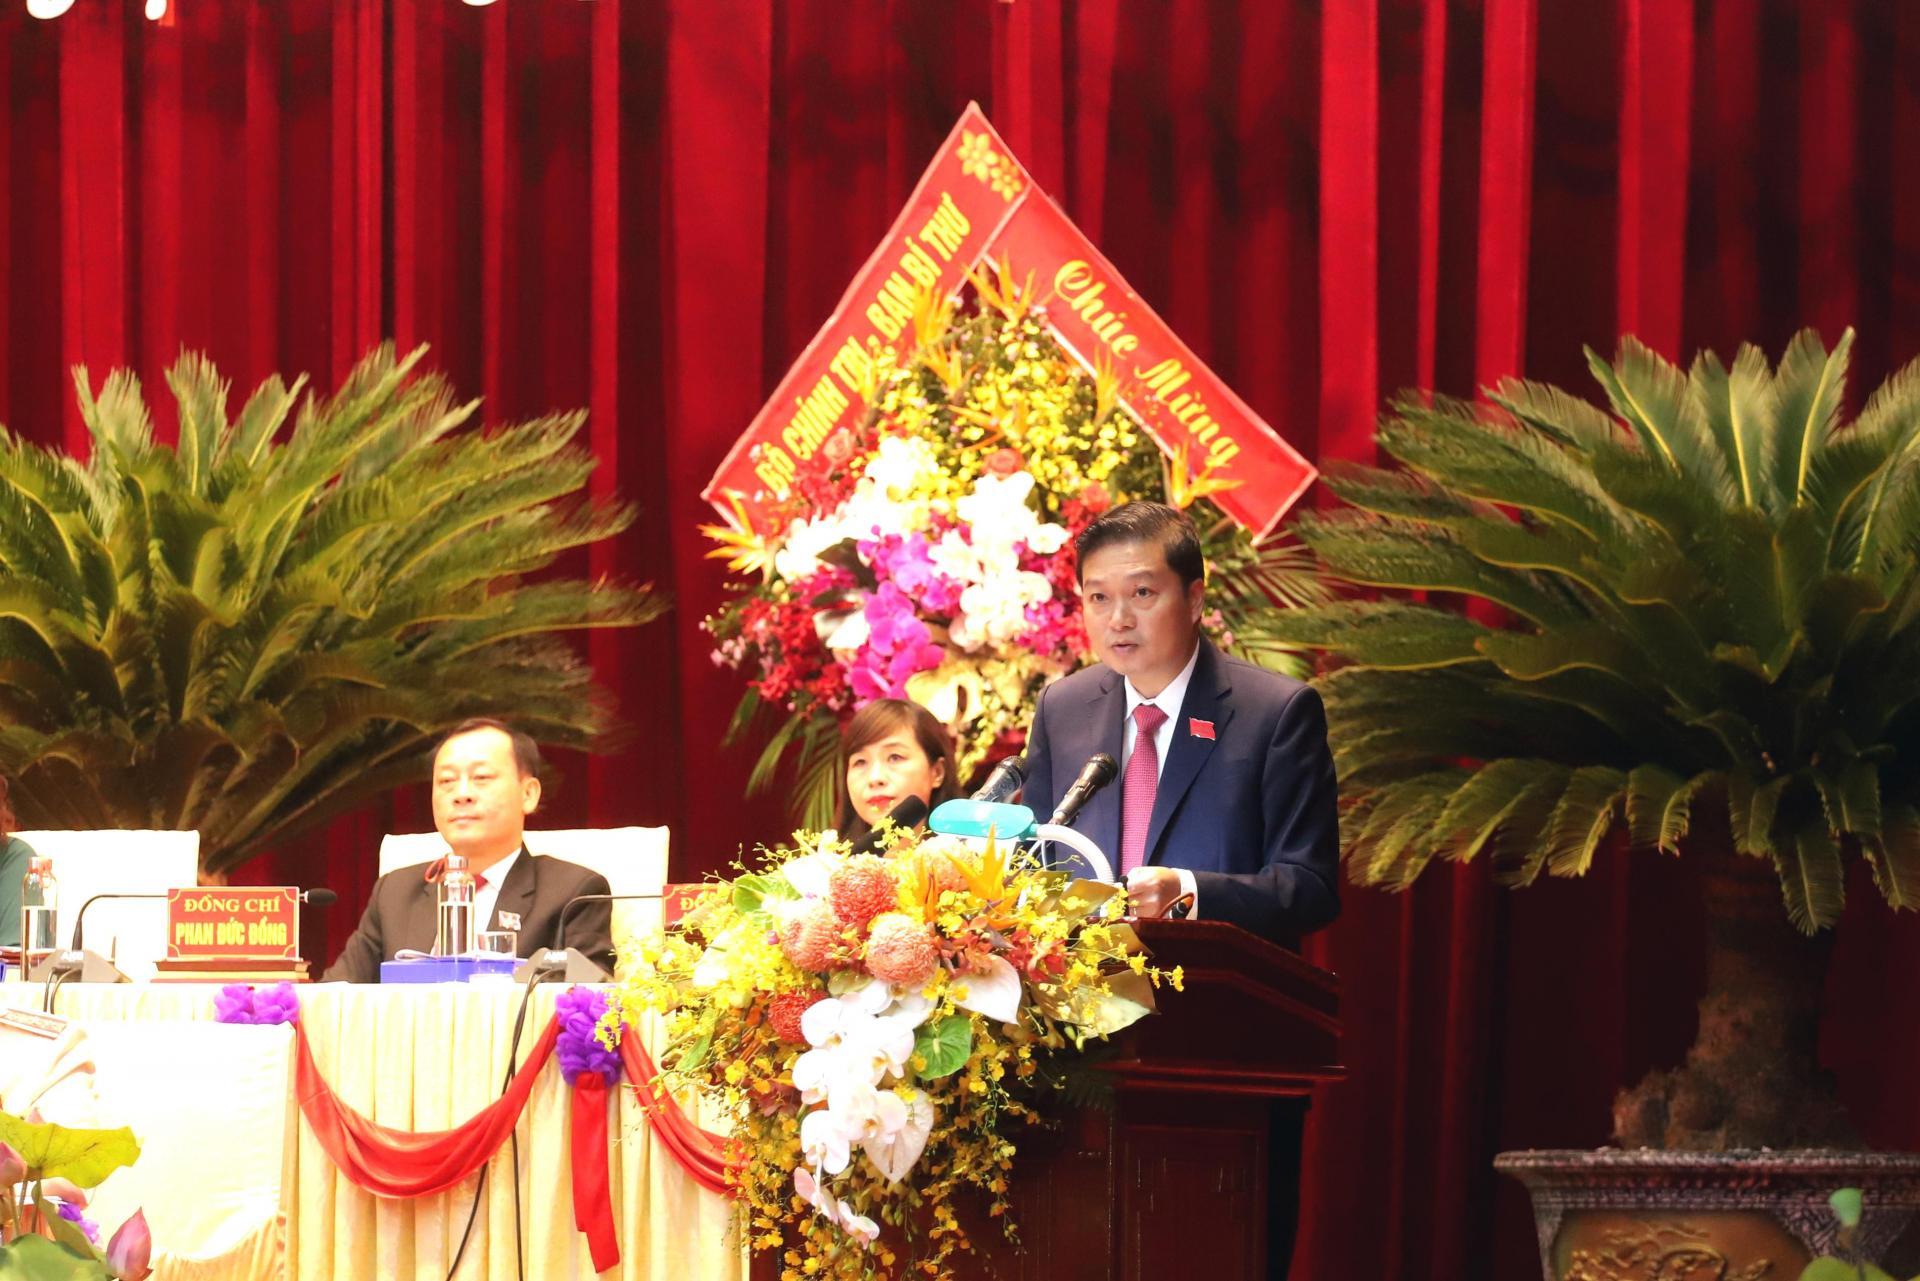 Đồng chí Lê Hồng Vinh – Phó Chủ tịch Thường trực UBND tỉnh trình bày dự thảo Chương trình hành động thực hiện Nghị quyết Đại hội Đảng bộ tỉnh lần thứ 19.